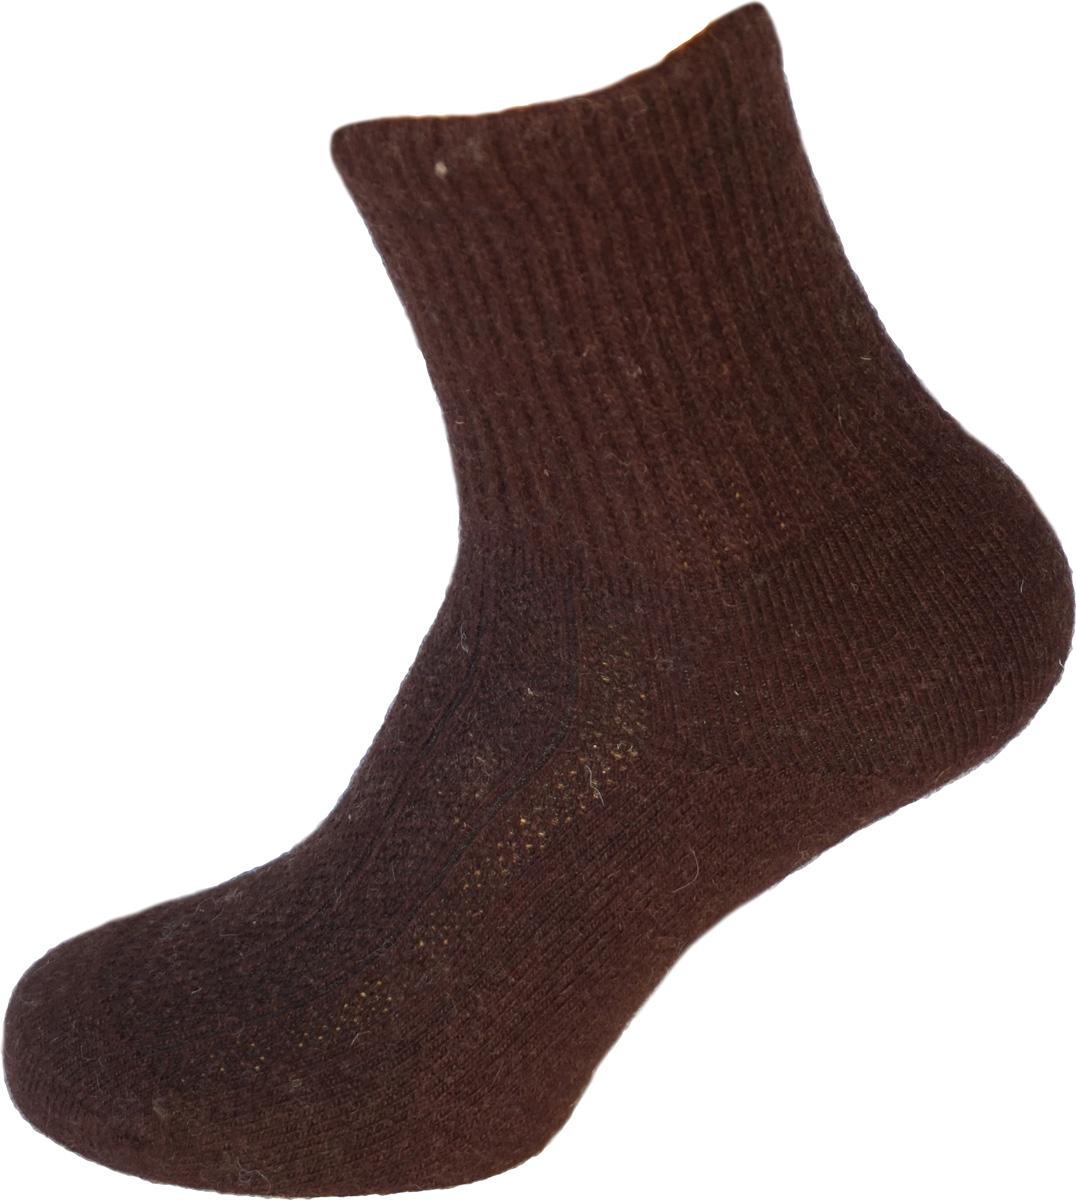 Термоноски BG Yak Wool, цвет: темно-коричневый. 825586_4. Размер 37/39825586_4Термоноски Yak Wool из шерсти яка с добавлением вискозы обладают высокой гигроскопичностью, быстро сохнут, хорошо сохраняют тепло, нейтрализуют неприятные запахи. Подходят для чувствительной кожи. Высокая износостойкость.